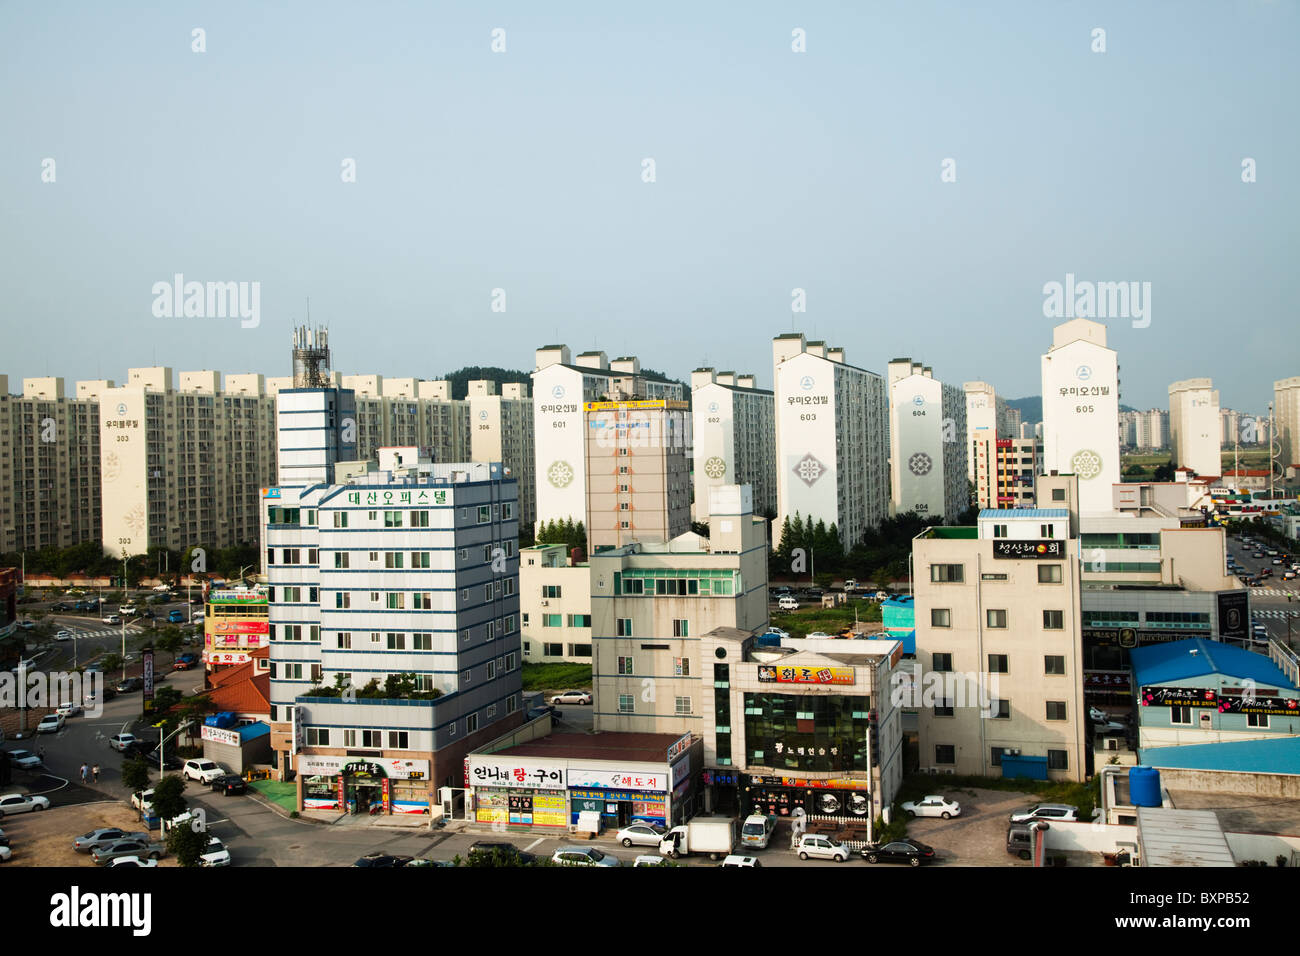 Arquitectura en torno al puerto de Mokpo, Corea del Sur Imagen De Stock